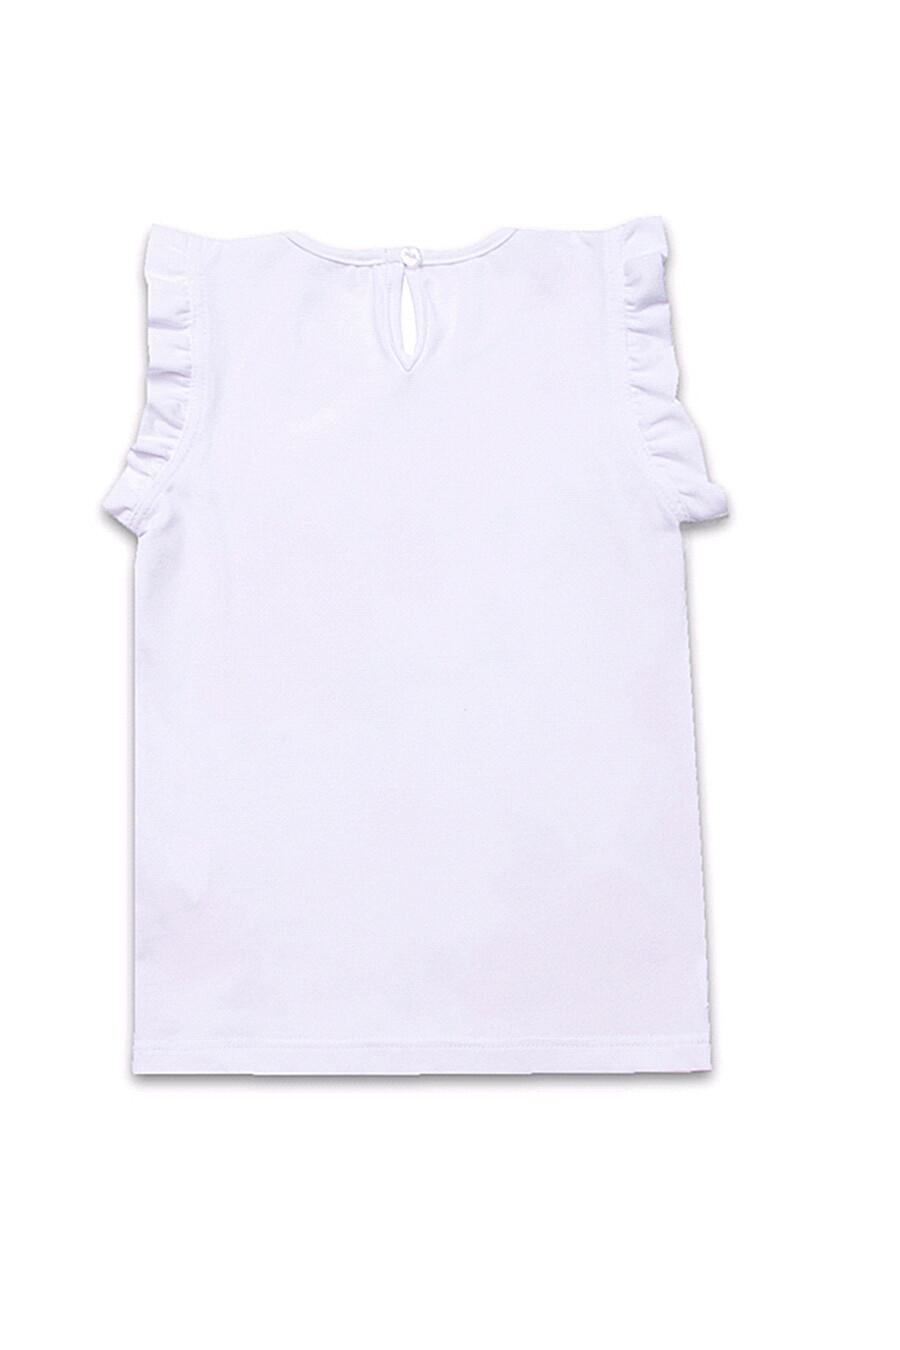 Топ  для девочек АПРЕЛЬ 699968 купить оптом от производителя. Совместная покупка детской одежды в OptMoyo